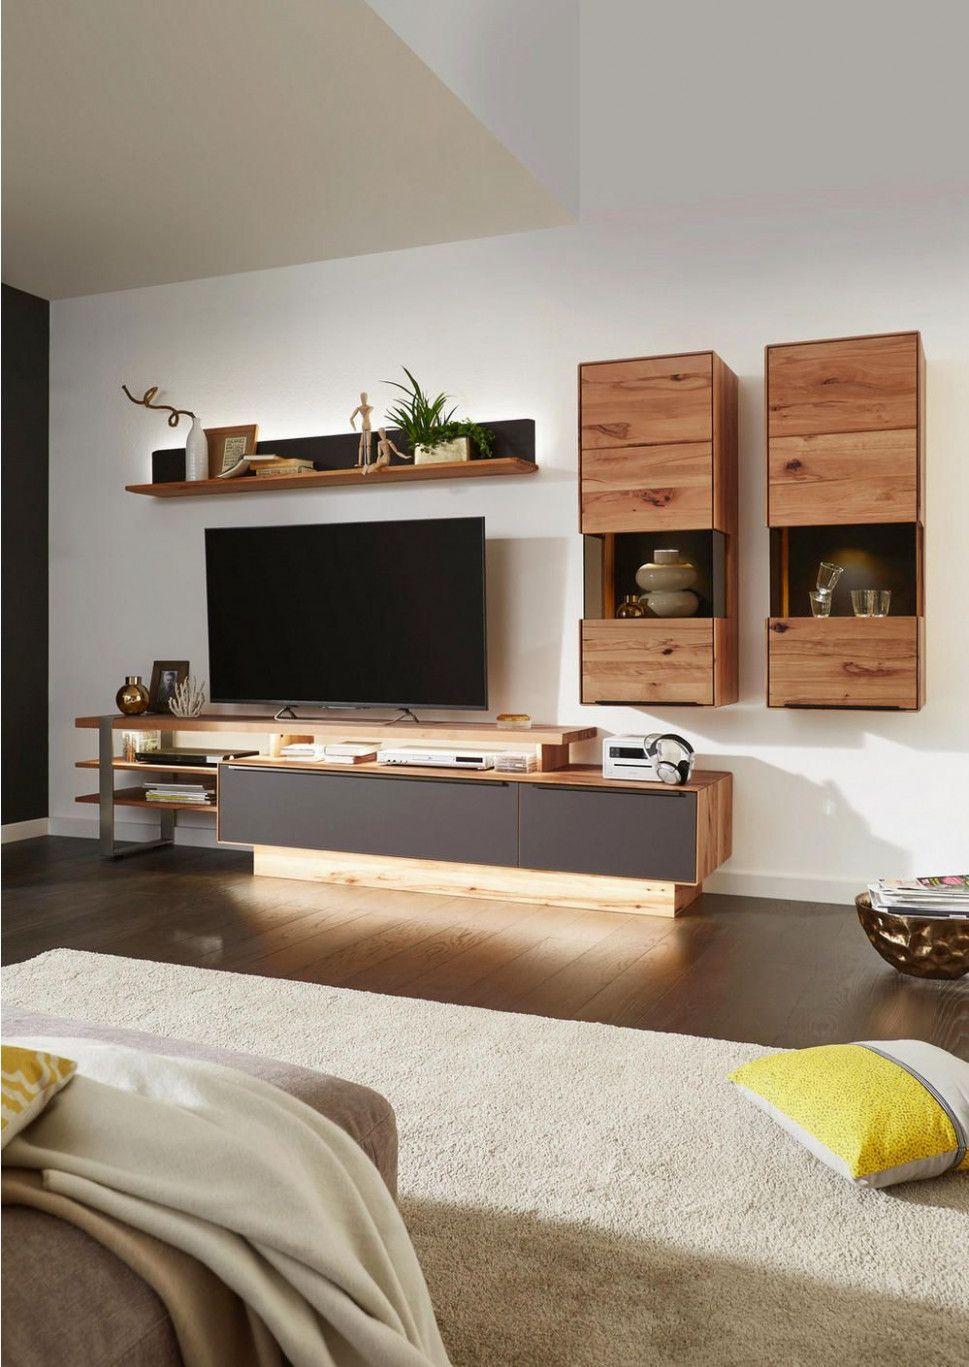 10 Wohnzimmer Design Holz  Wohnwand braun, Wohnen, Wohnzimmer modern